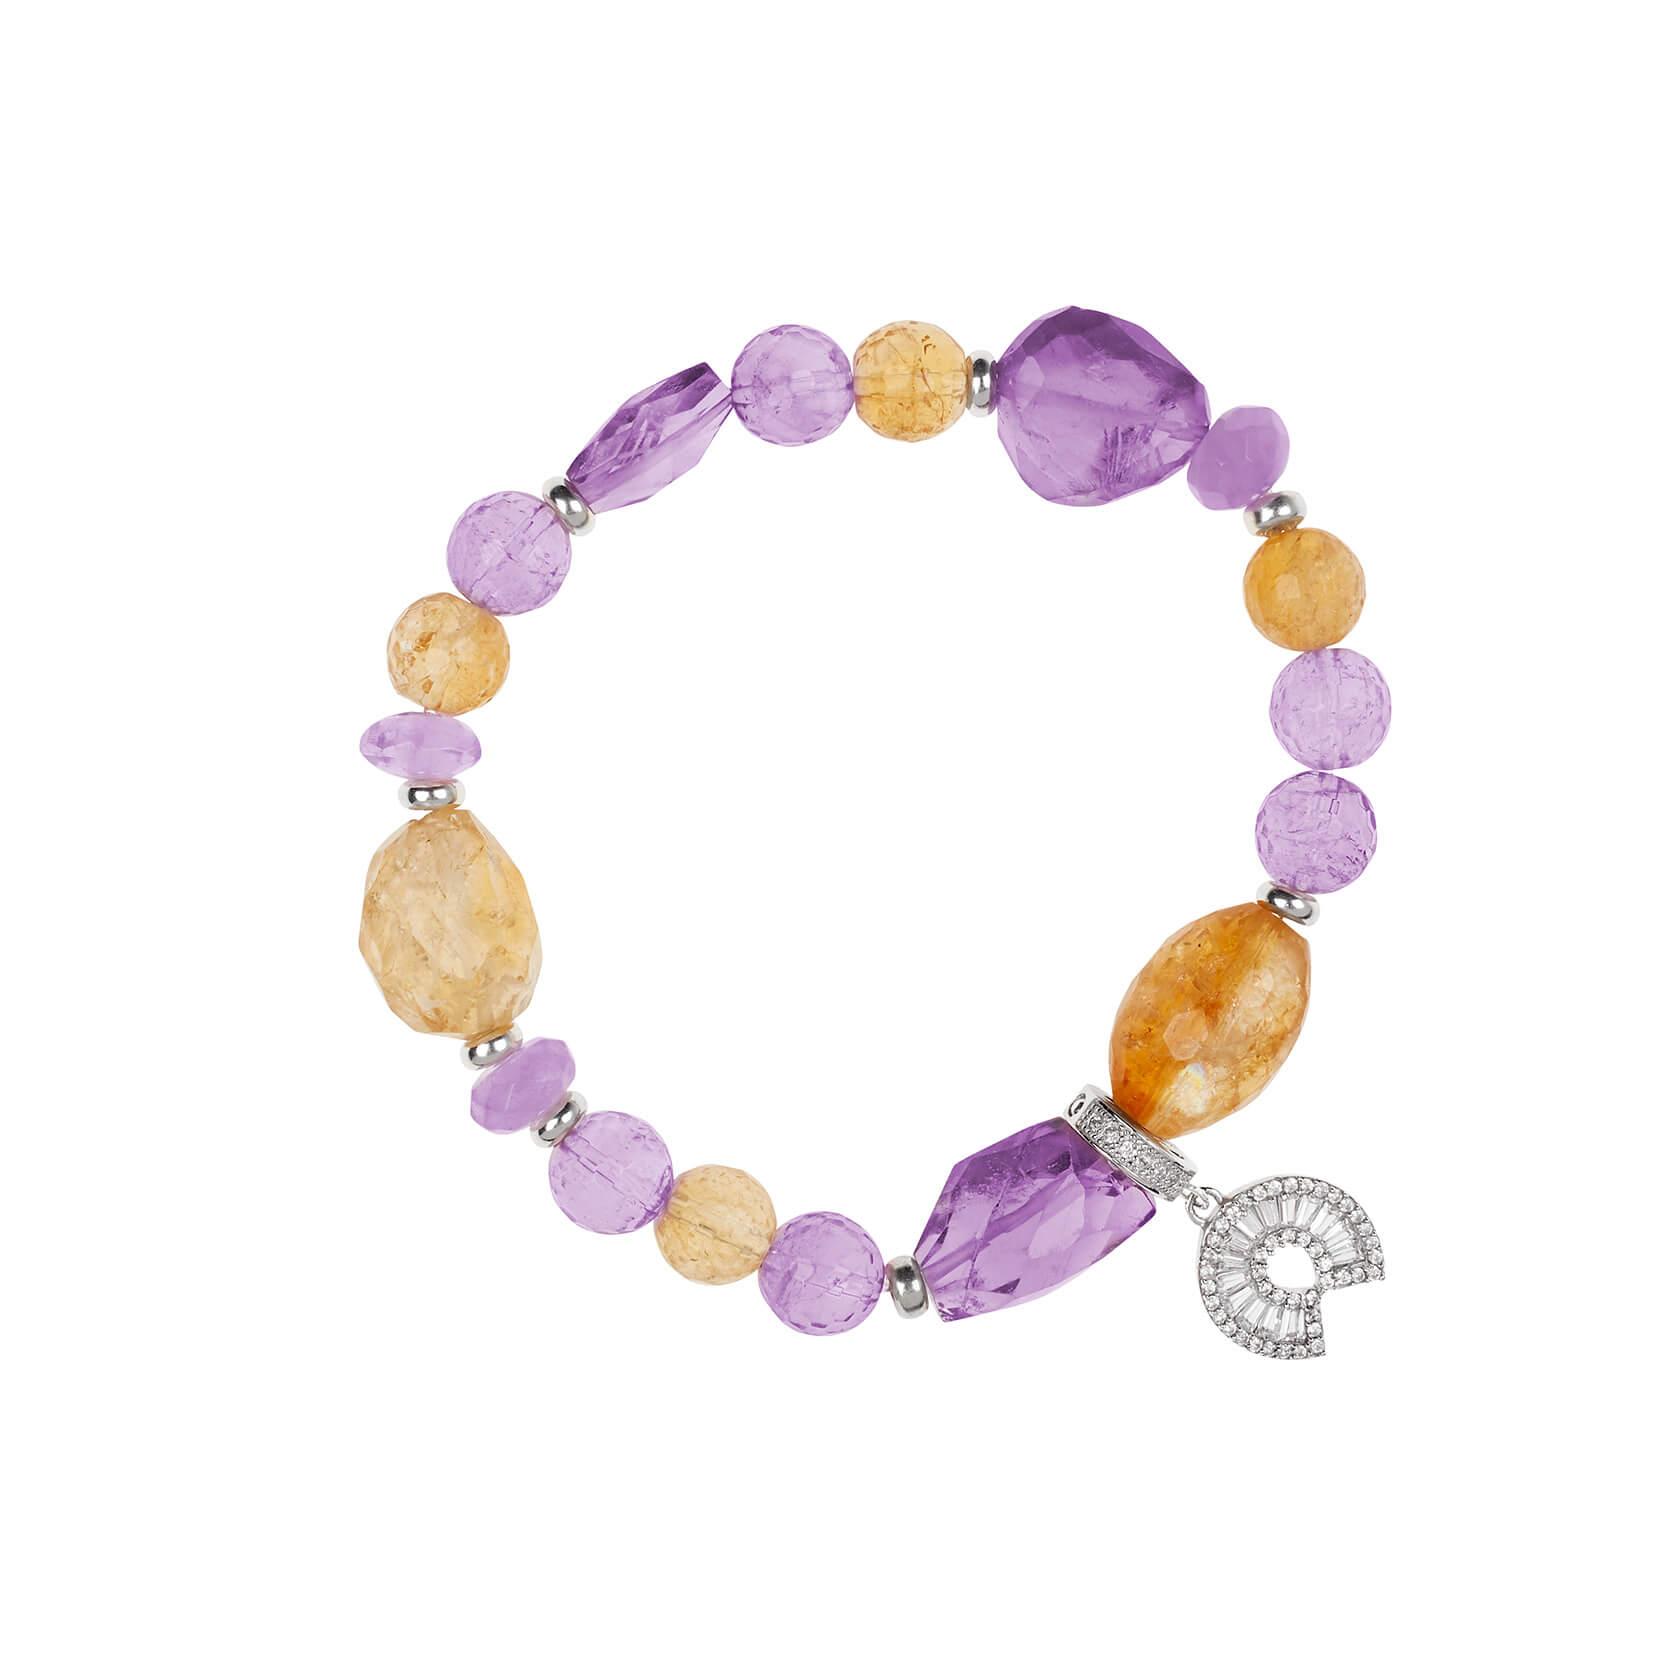 Amethyst and citrine bracelet marybola